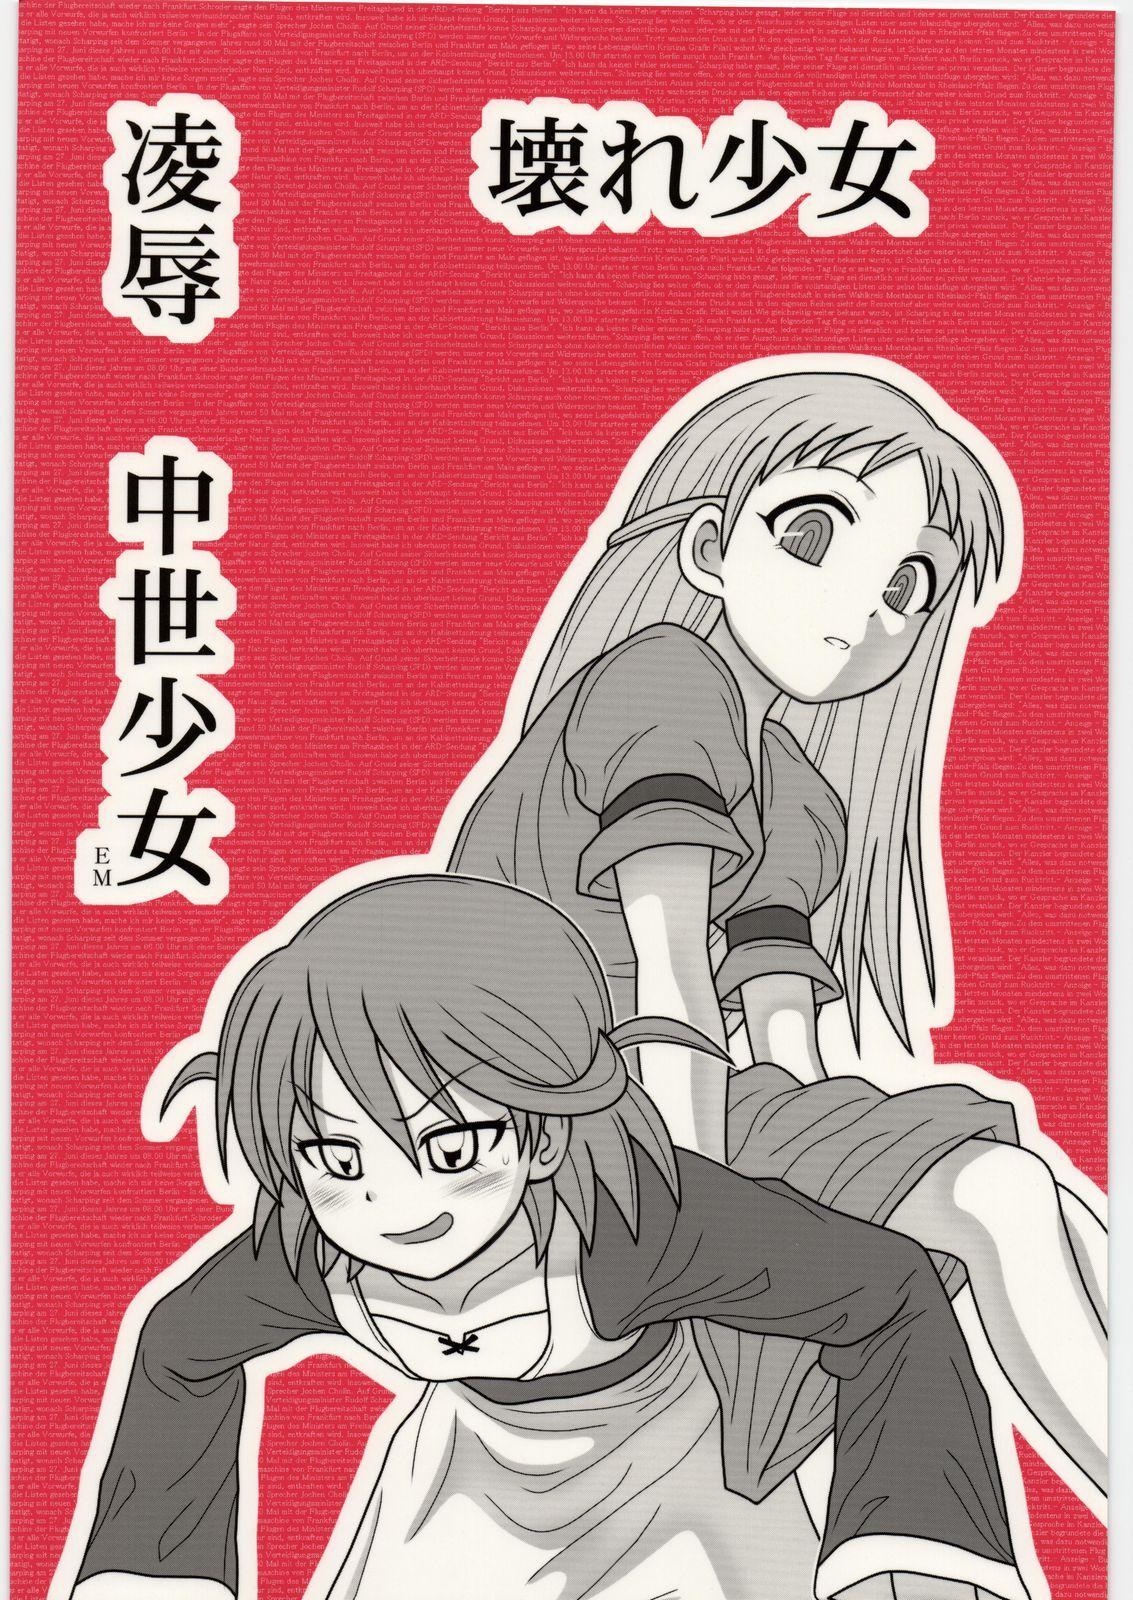 Ryoujoku Koware Shoujo Chuusei Shoujo EM 0